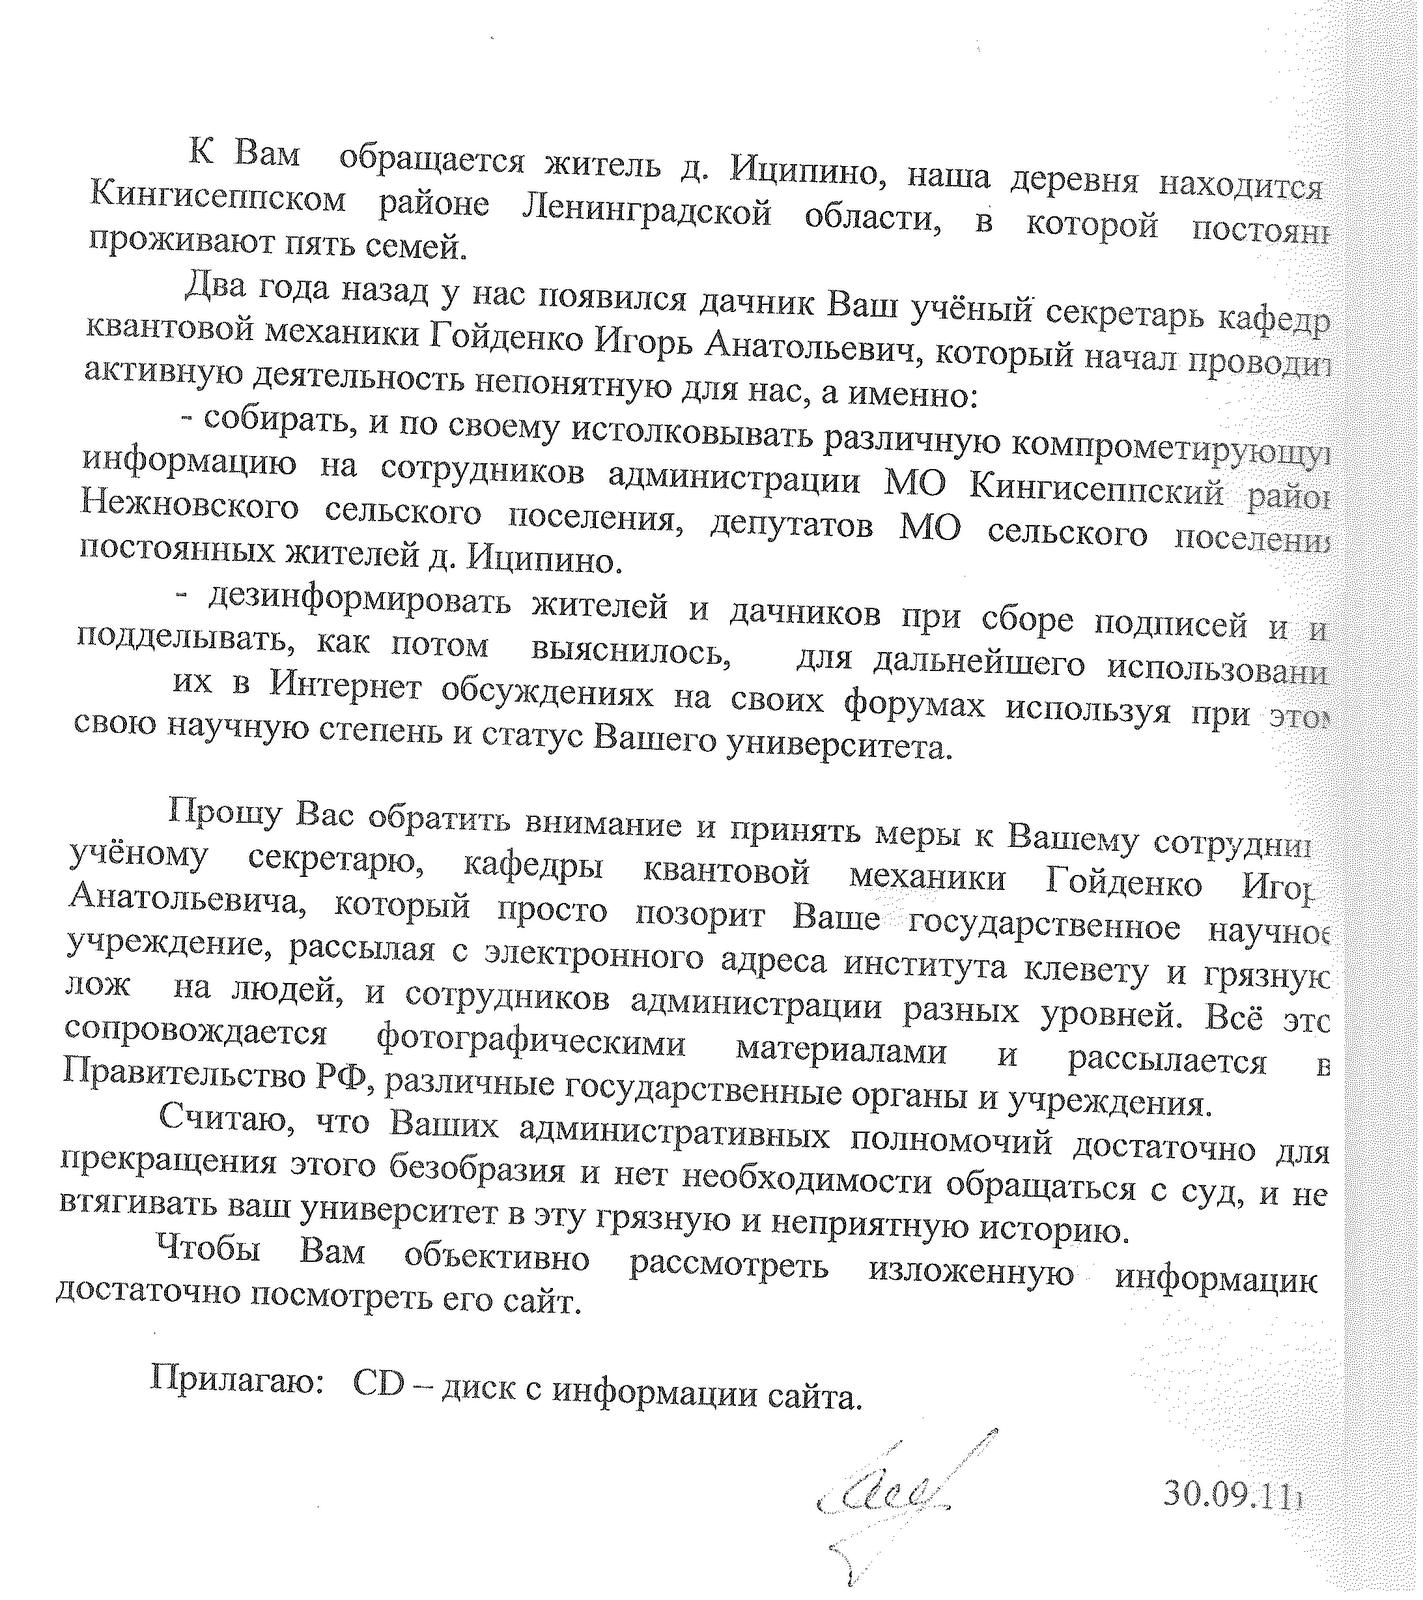 Красивое сочинение на тему знаков препинания в русском языке